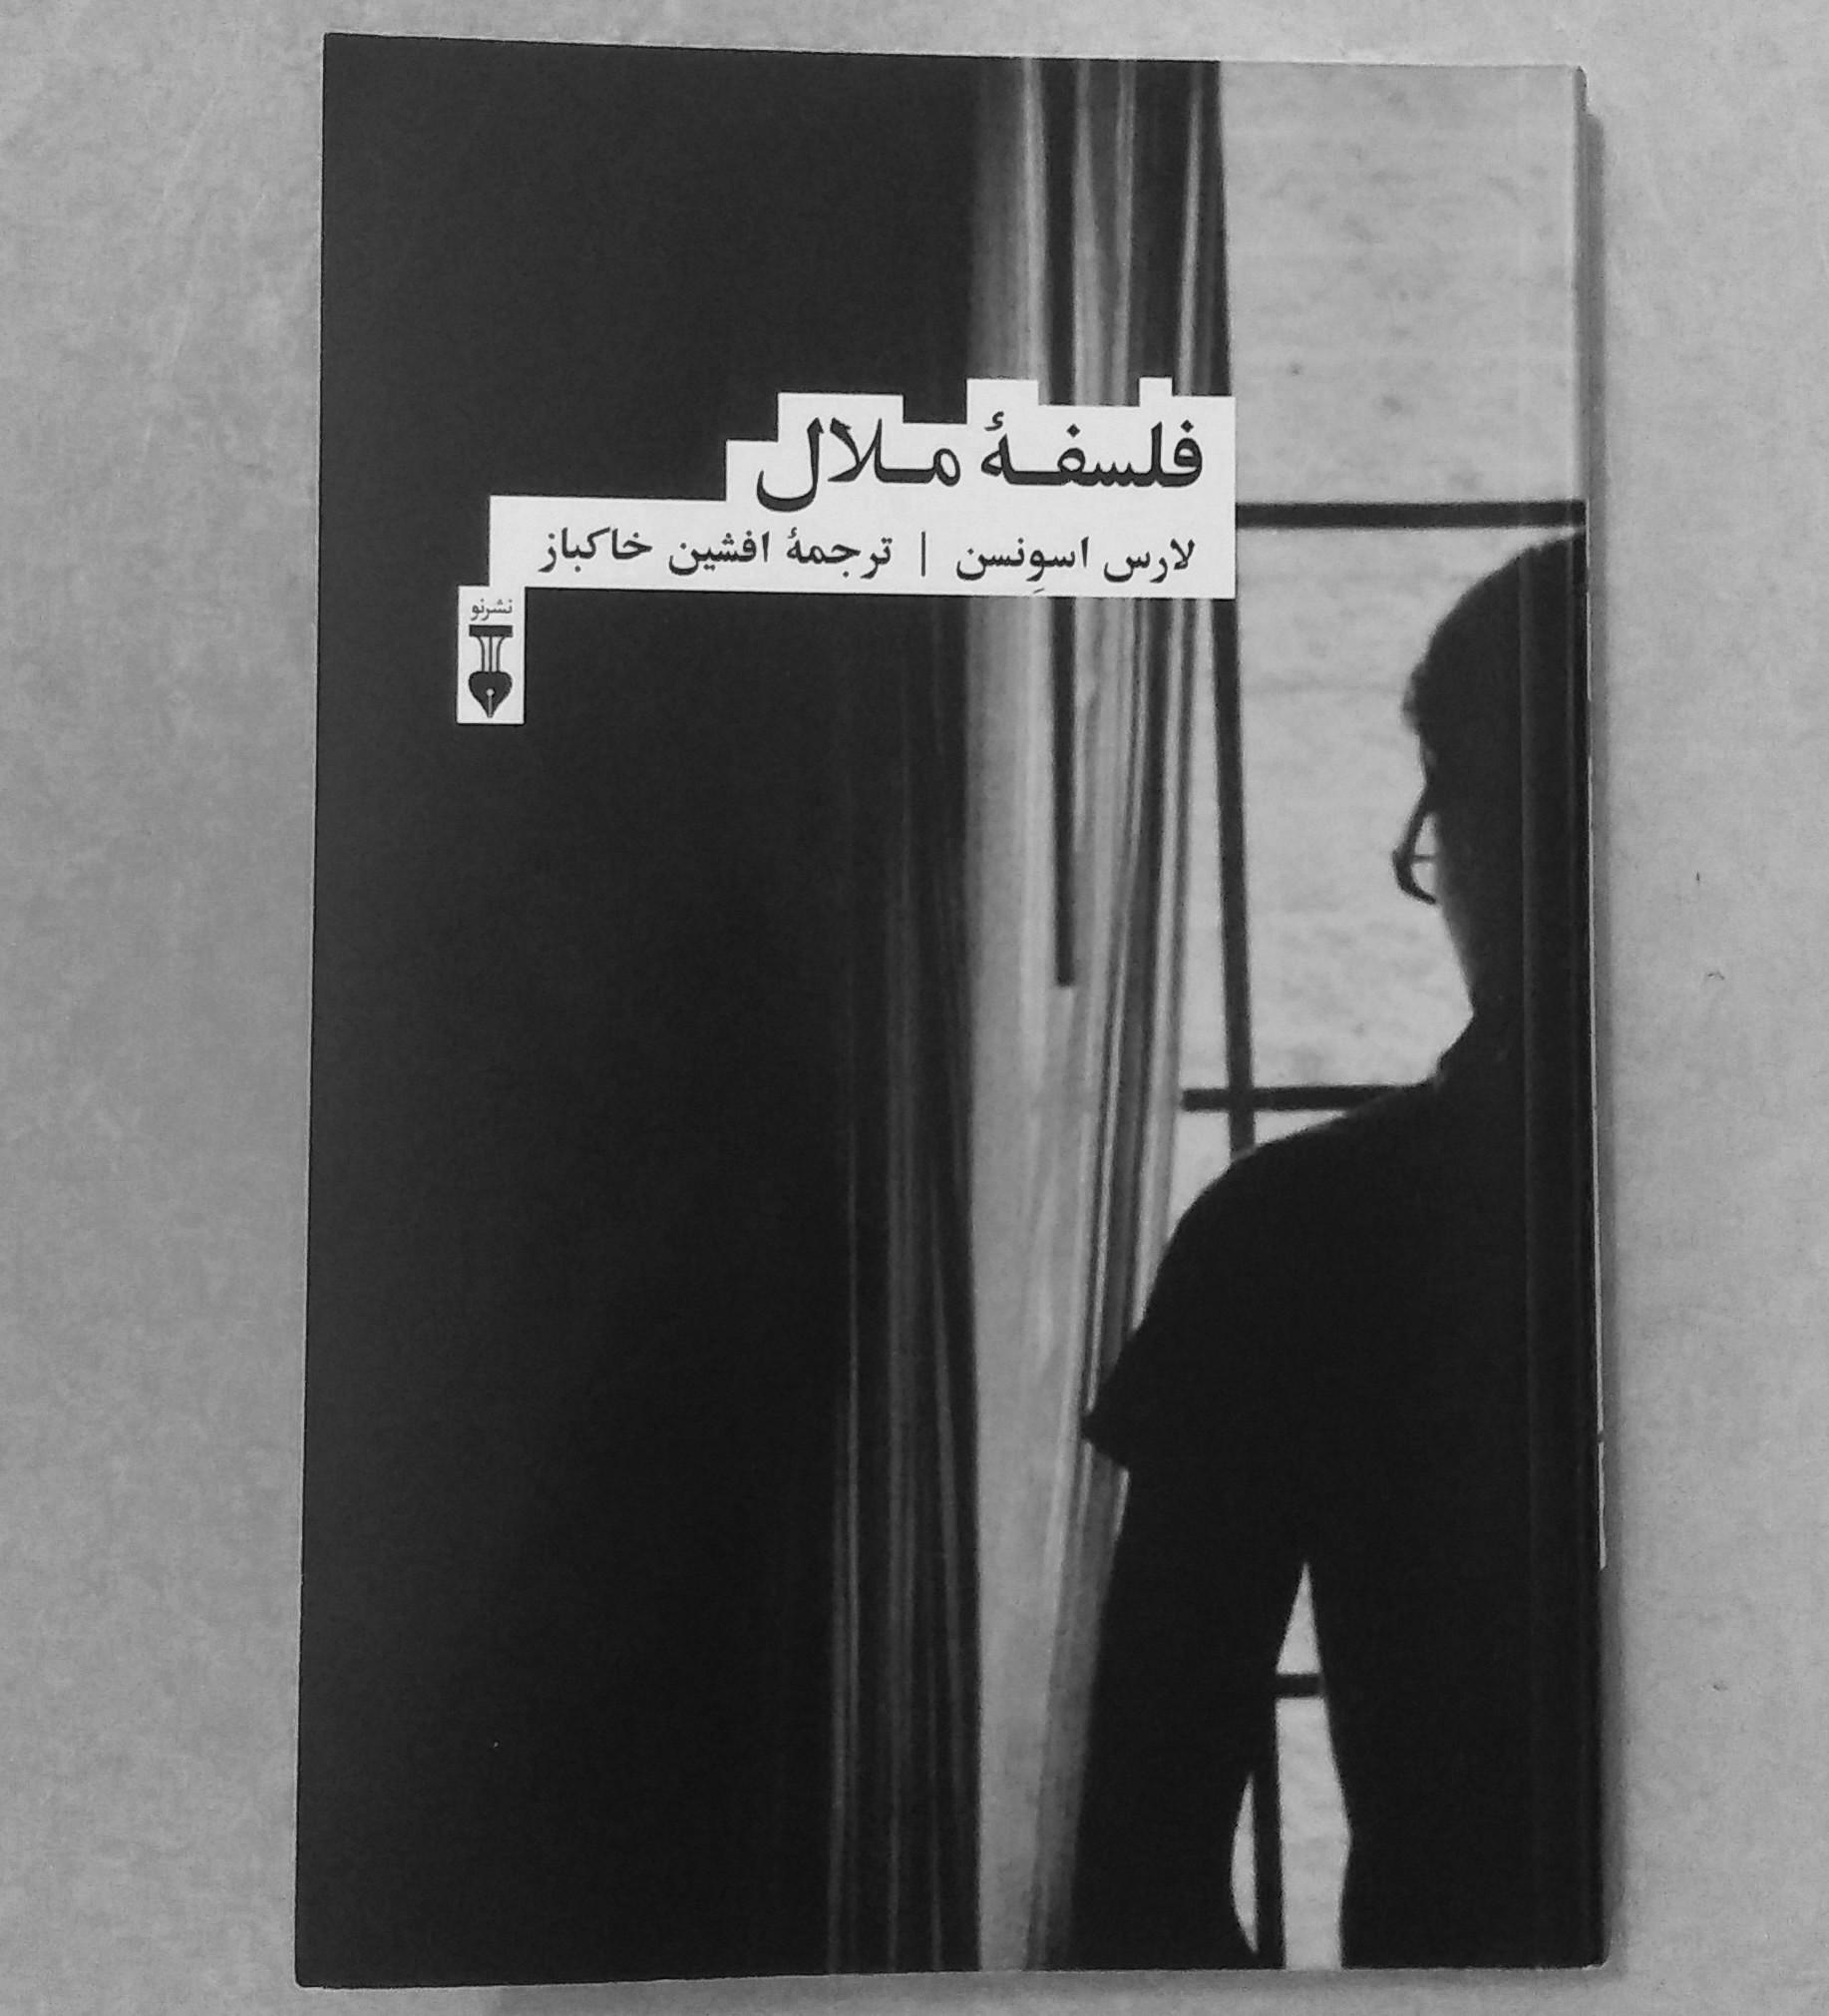 چکیده کتاب فلسفه ملال